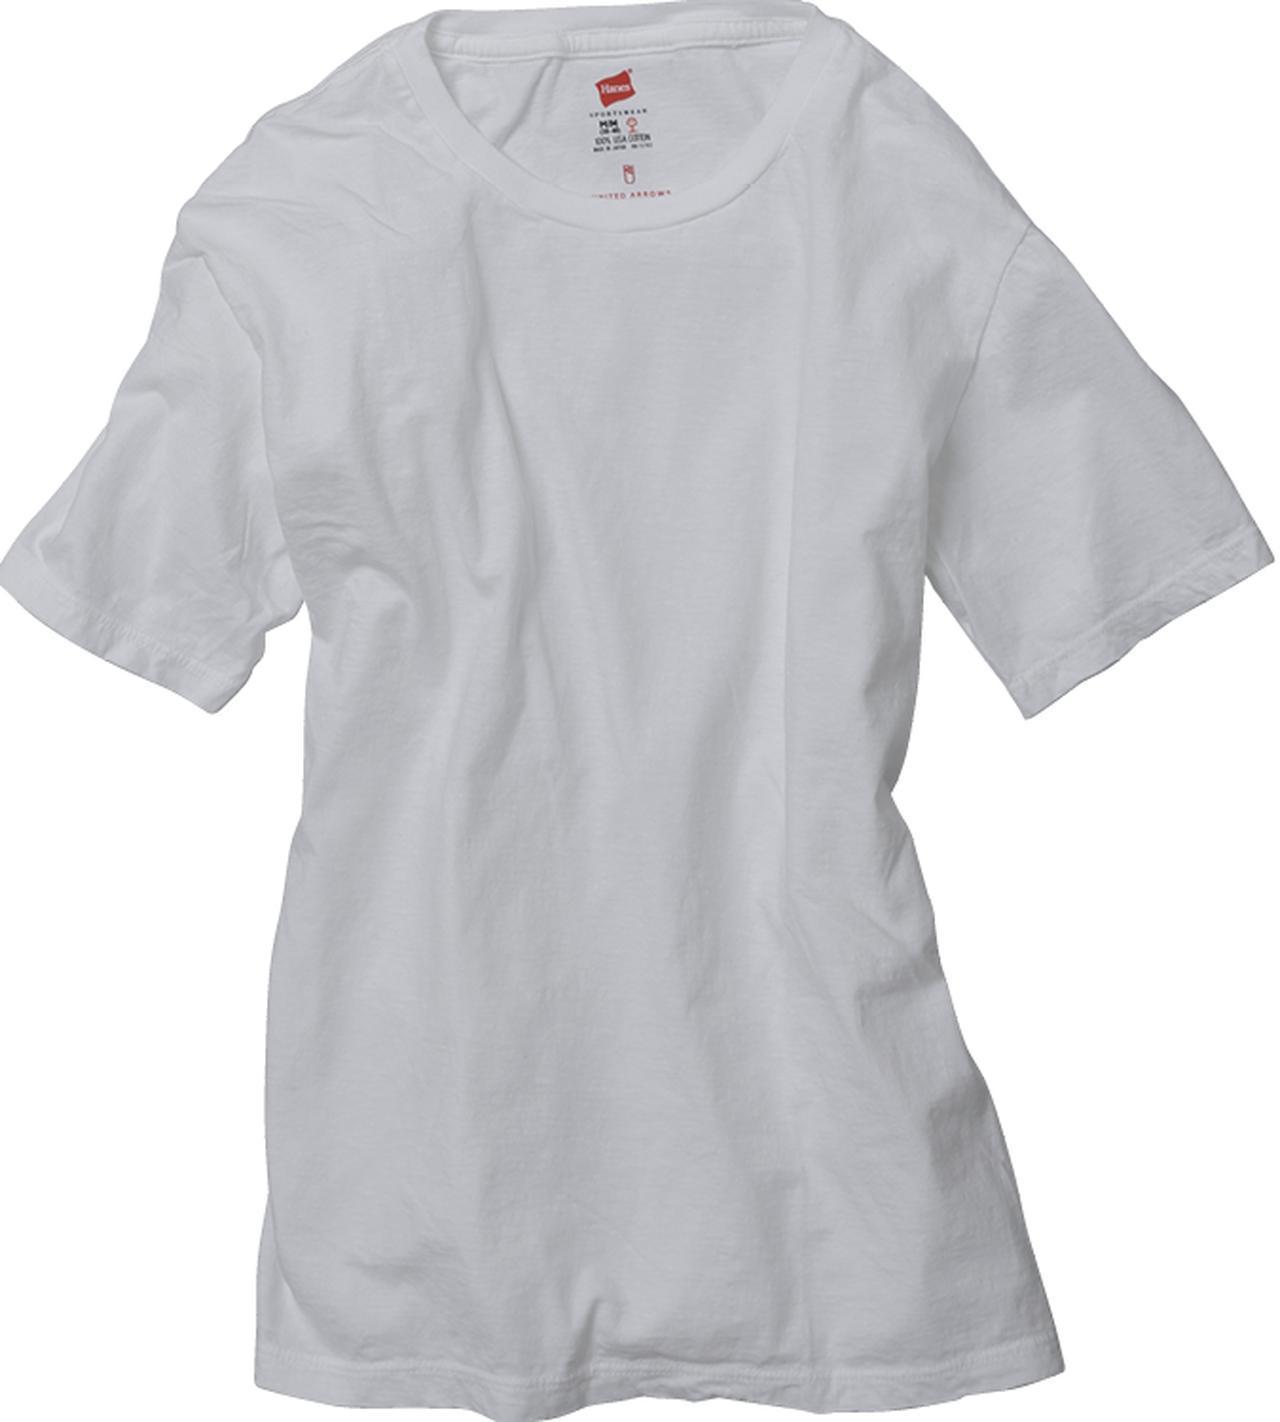 画像7: 意外と使える秋Tシャツ 今シーズン最後のカットソー買いはコレ!